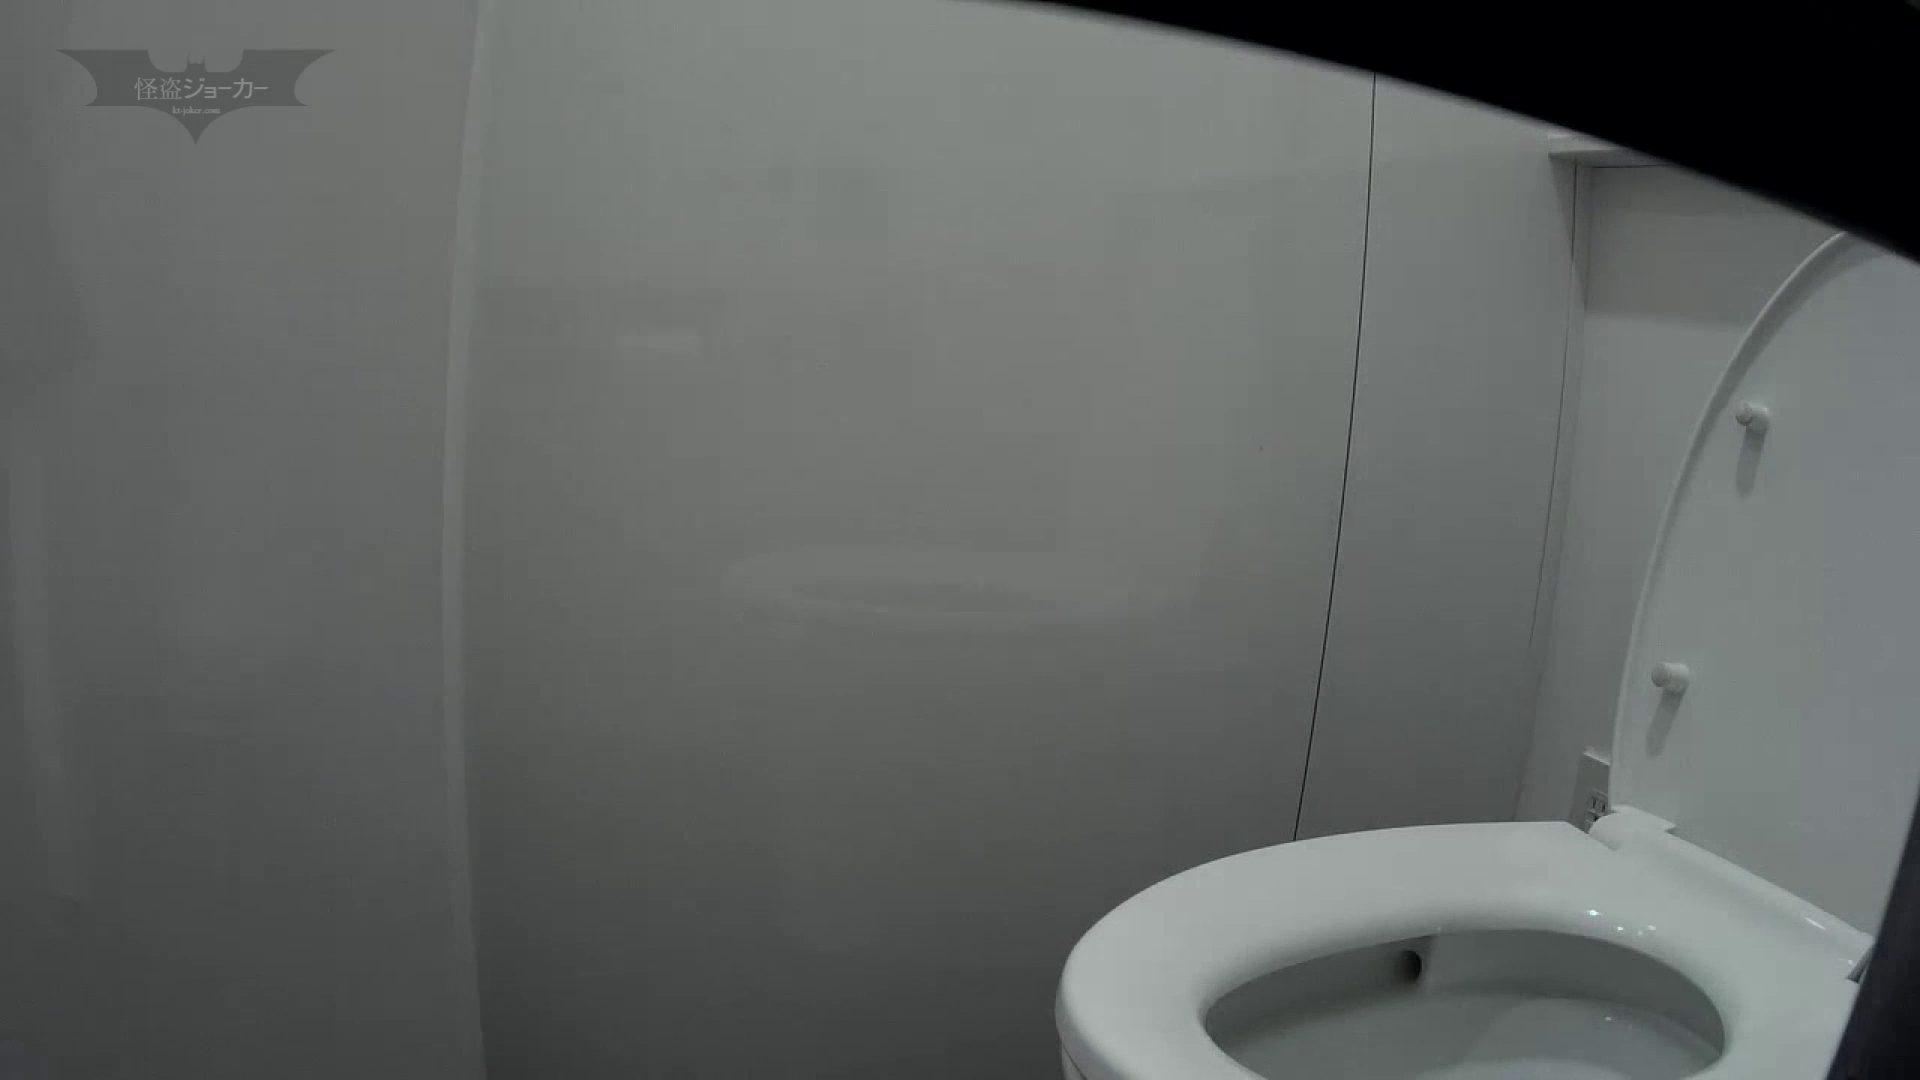 有名大学女性洗面所 vol.57 S級美女マルチアングル撮り!! 高画質 ワレメ無修正動画無料 80枚 67